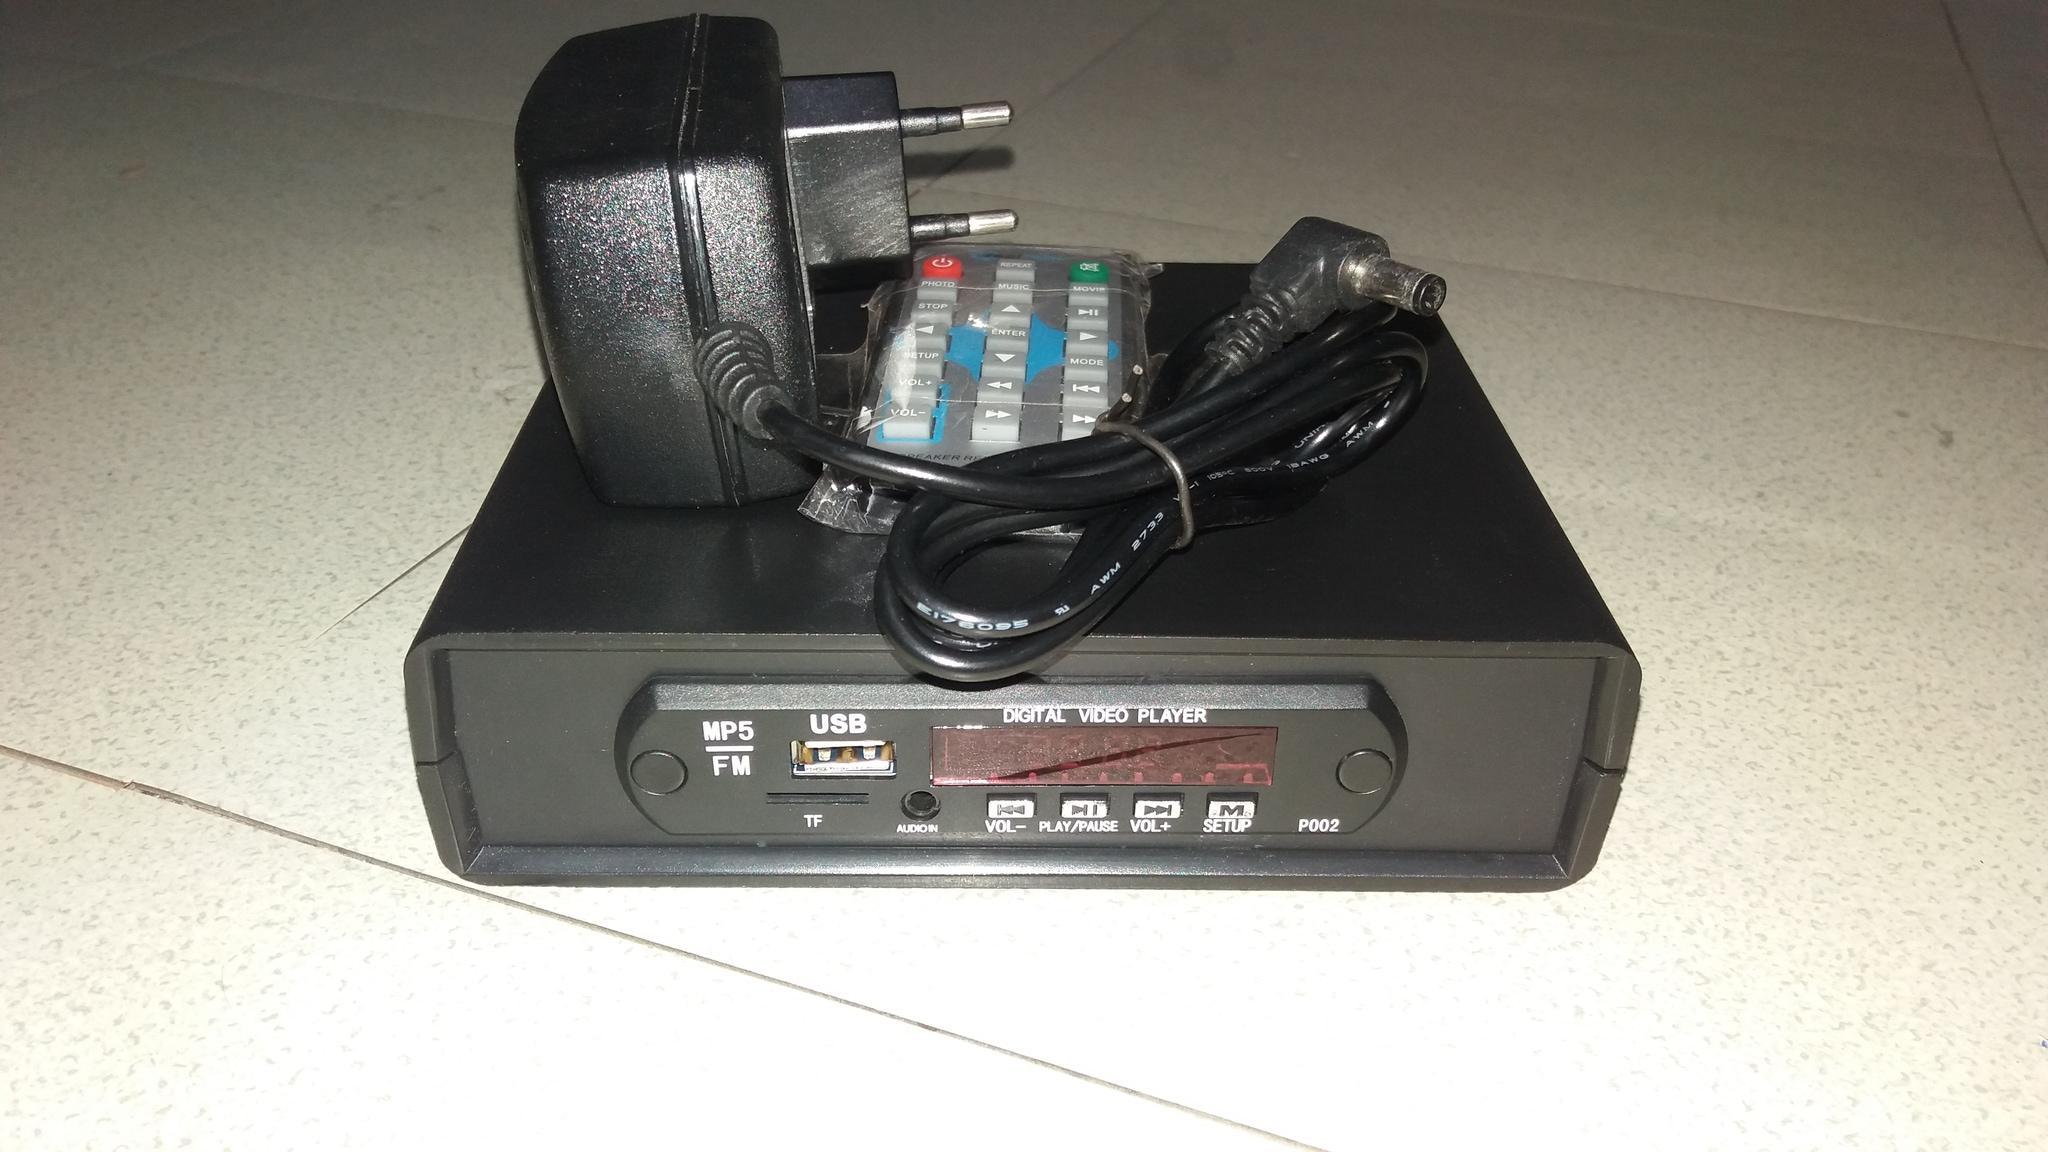 Dijual Mediaplayer Mp3, Mp4, Mp5 Cocok Buat Speaker Aktif